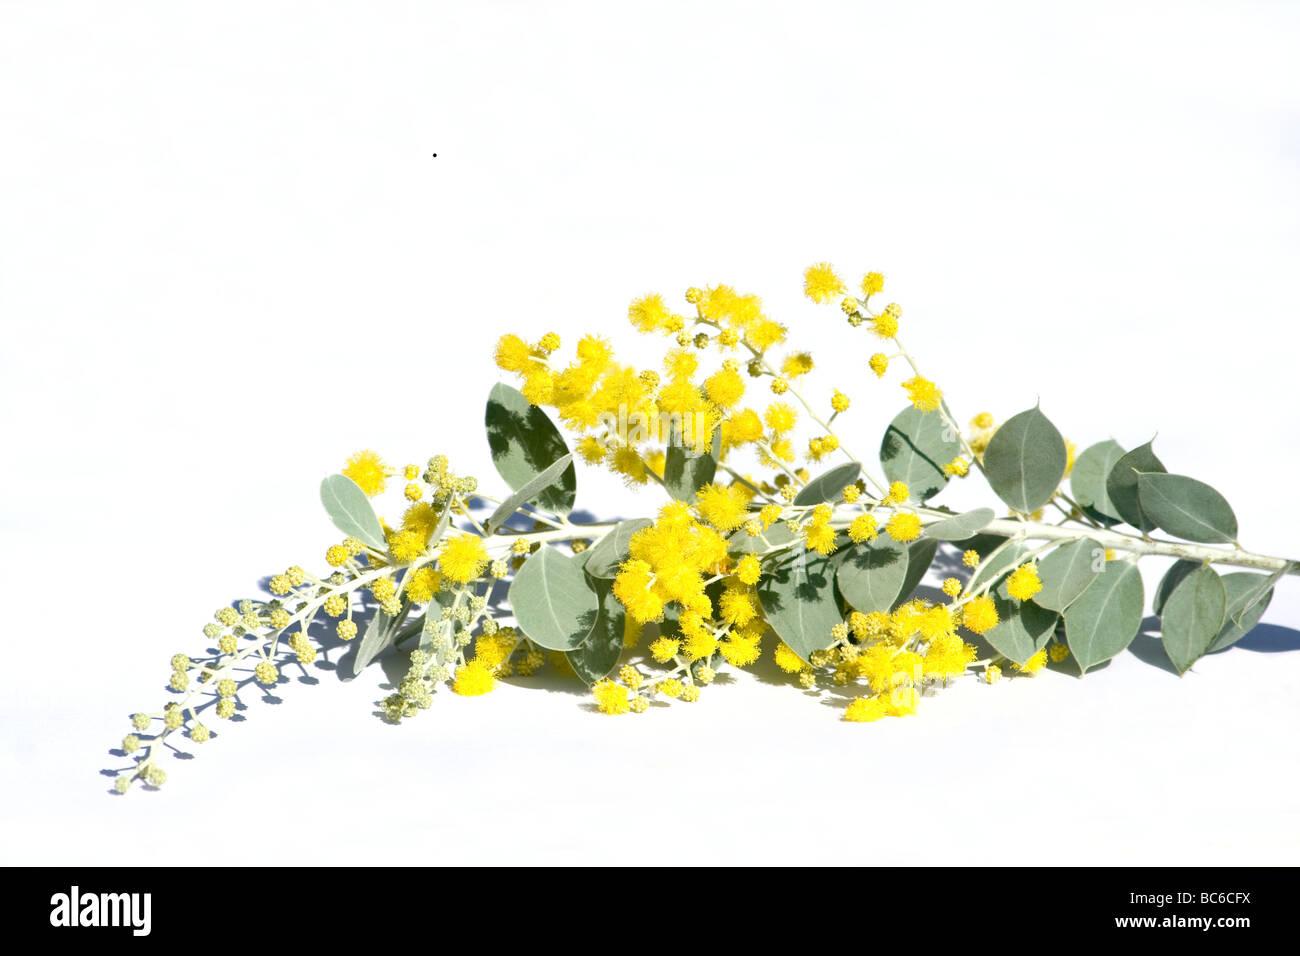 Fiori di Acacia close-up su sfondo bianco Immagini Stock